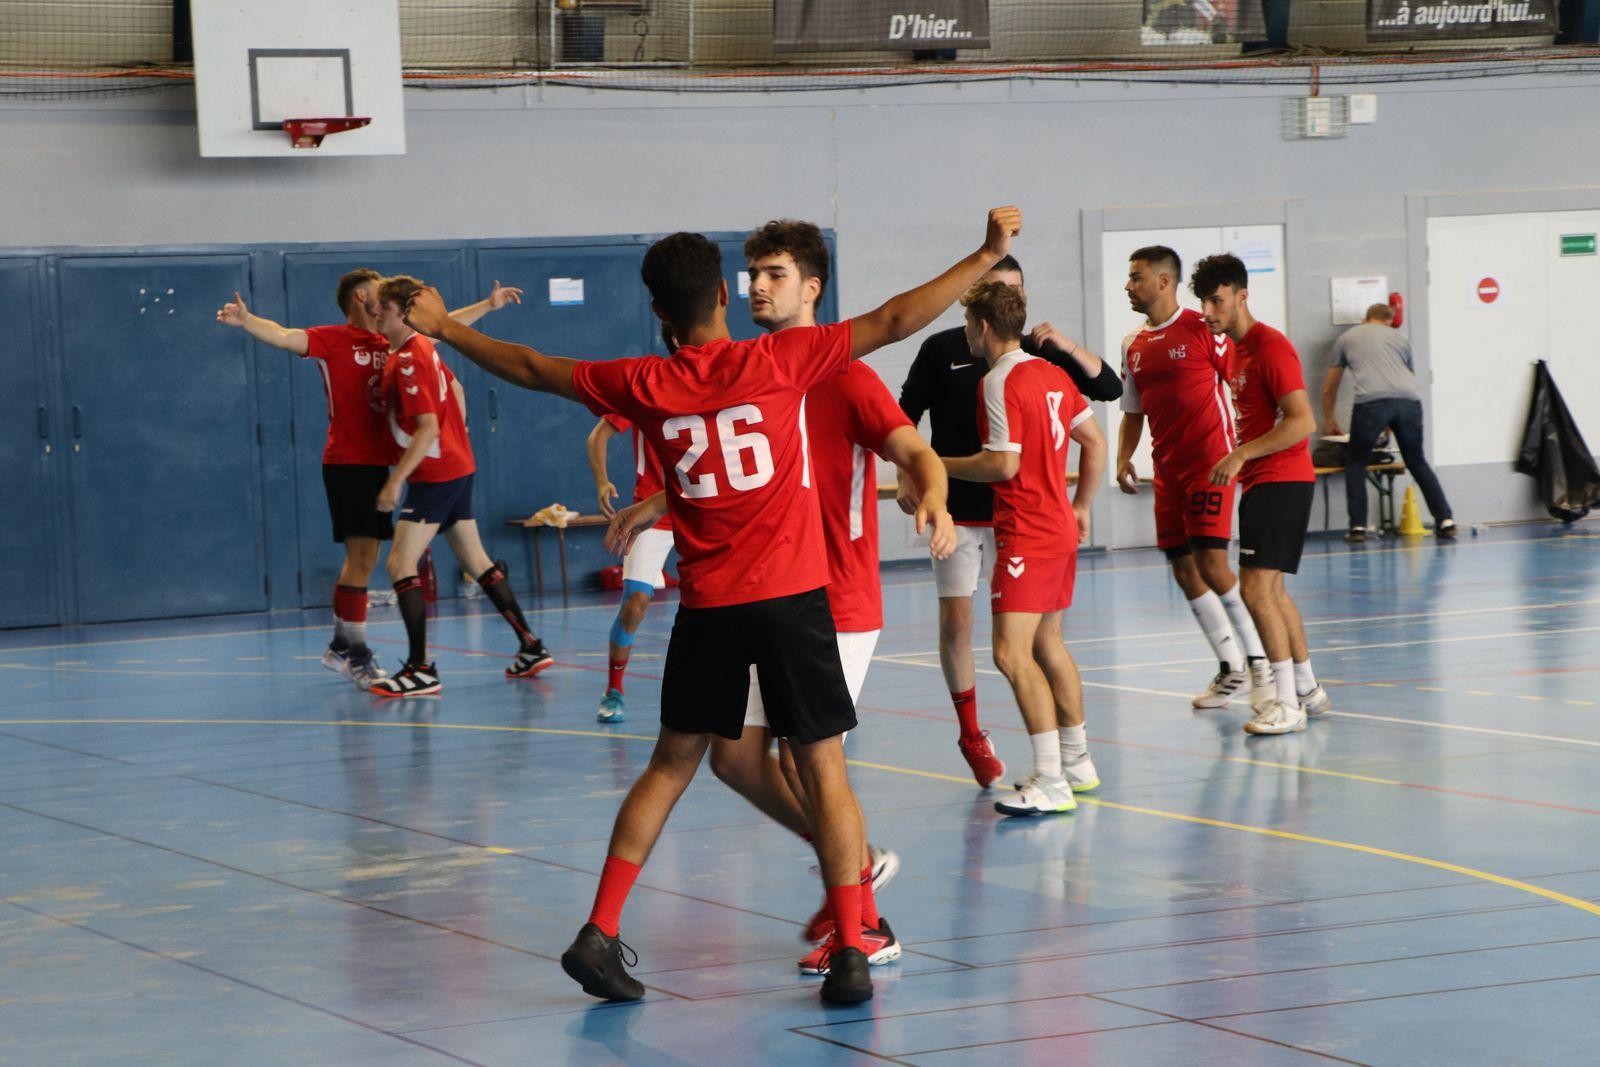 Les compétition de handball régional sont suspendues jusqu'en janvier 2021